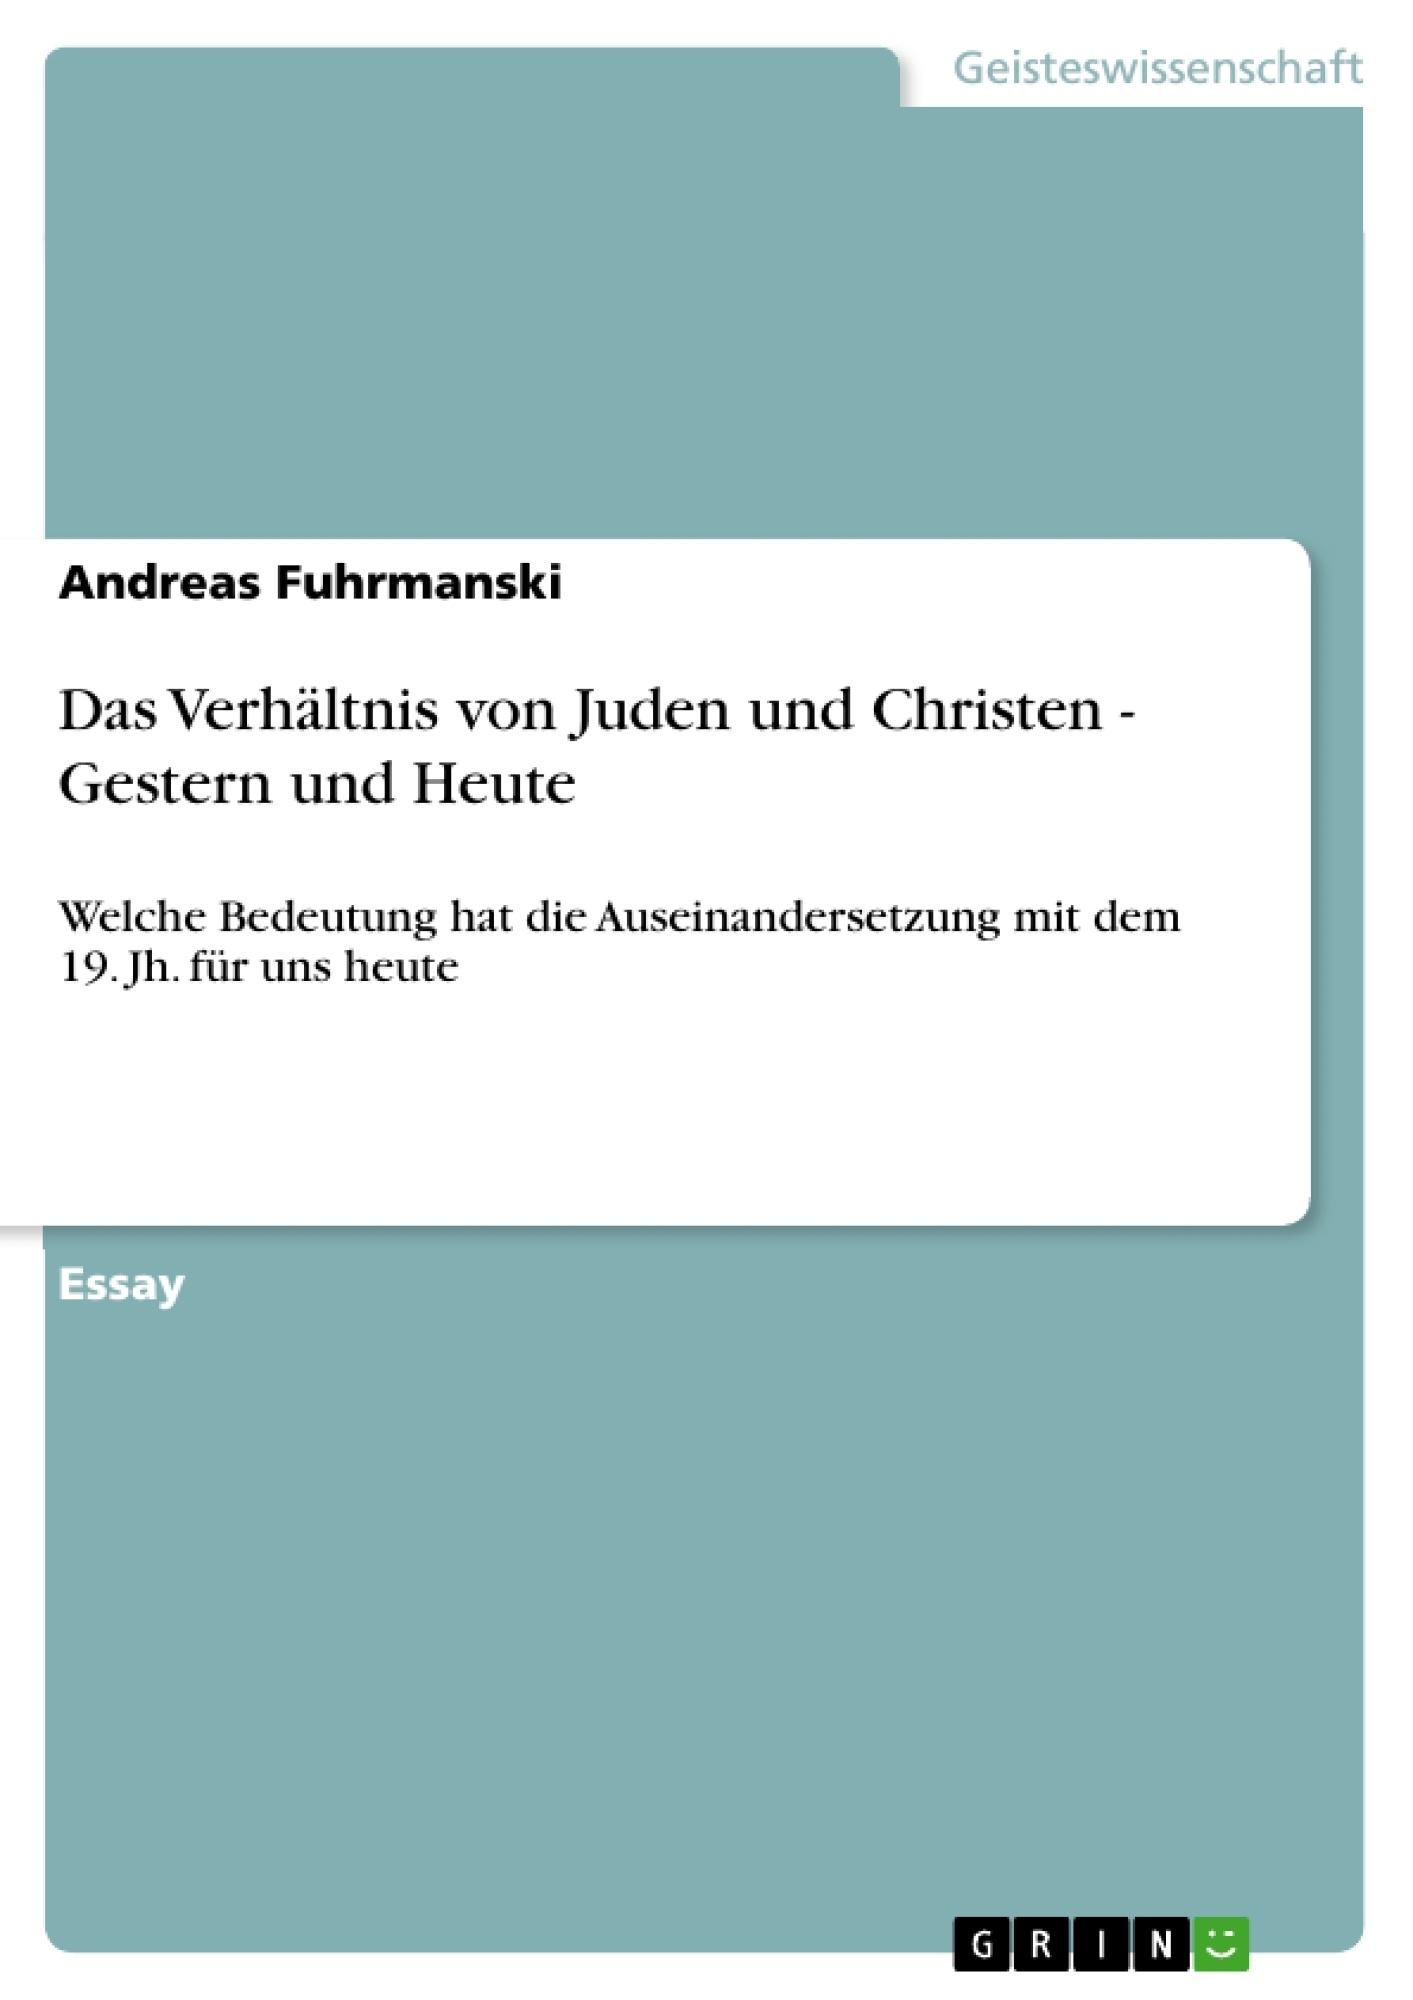 Titel: Das Verhältnis von Juden und Christen - Gestern und Heute